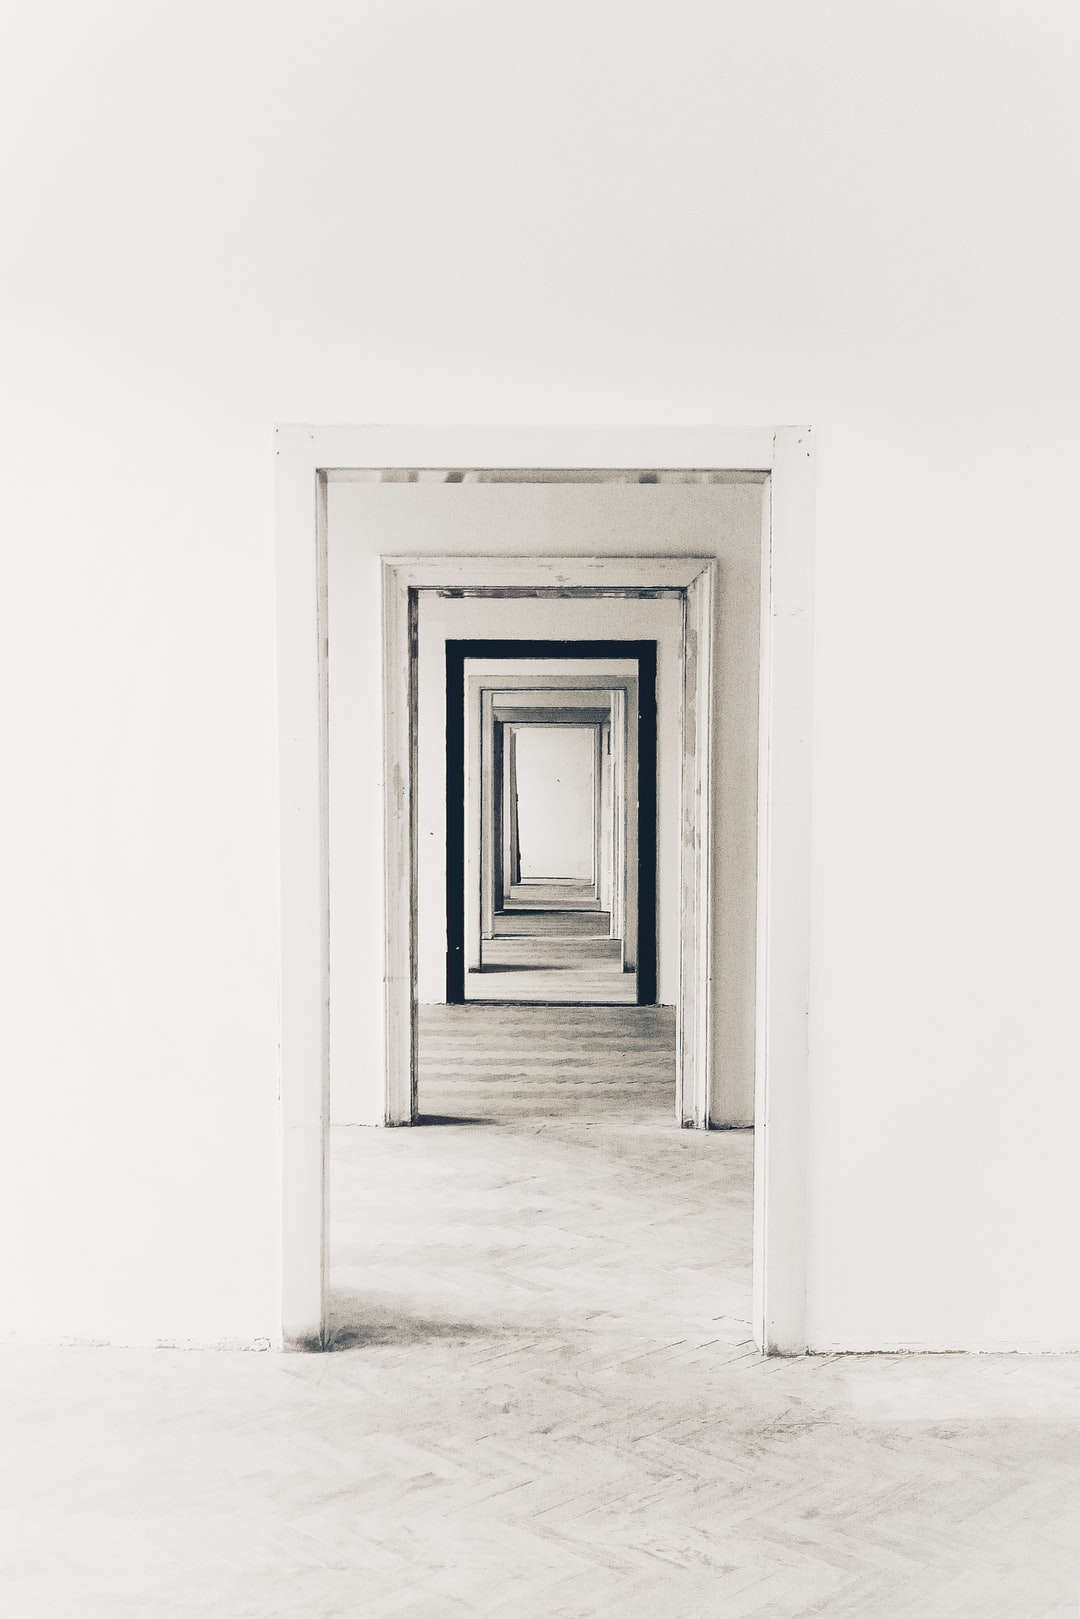 500+ Best Door Pictures [HD] | Download Free Images on Unsplash